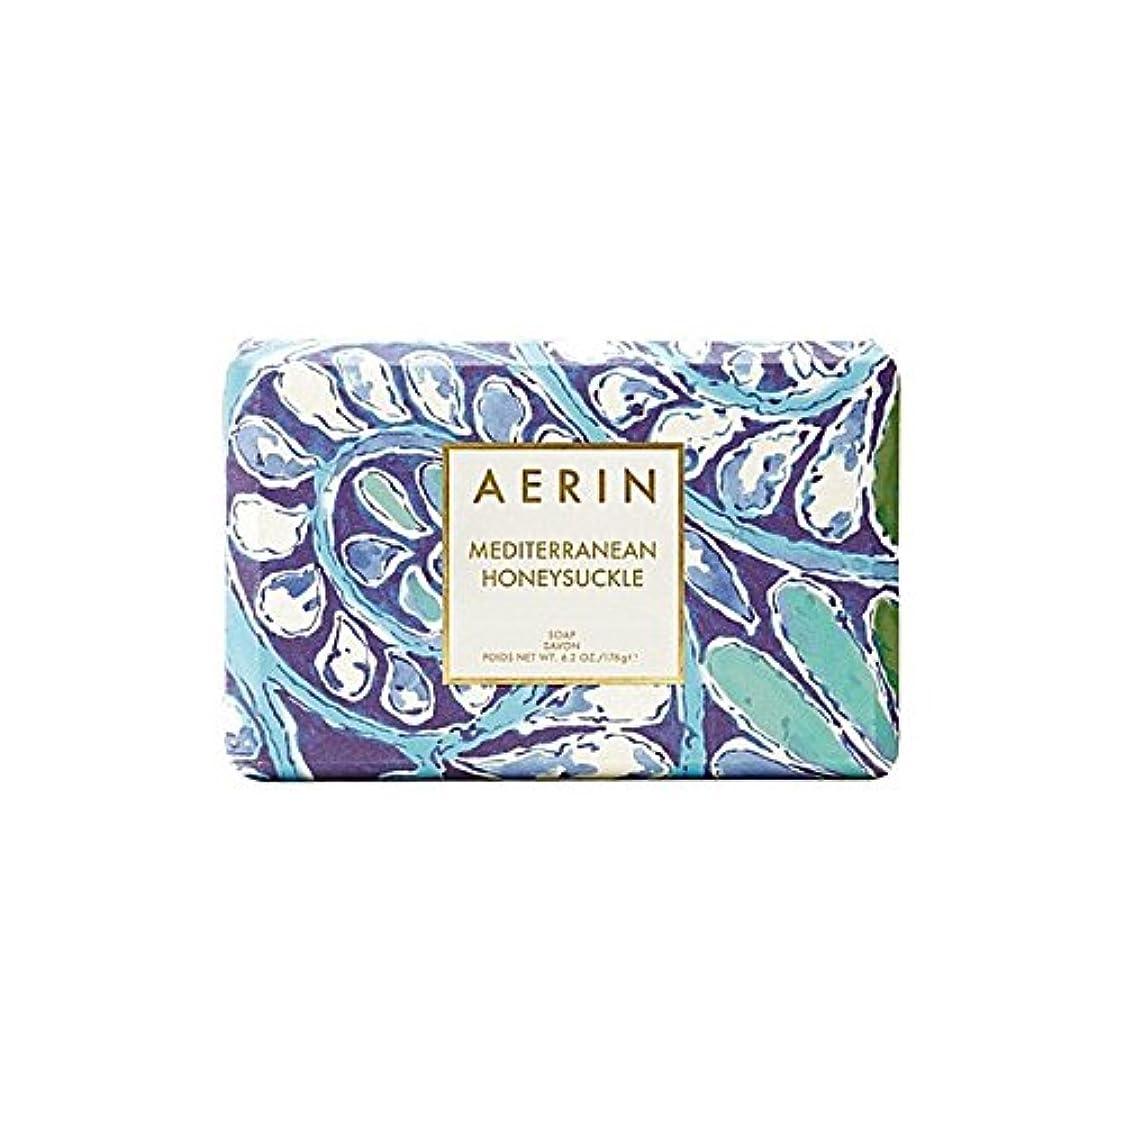 再撮りカバレッジ吹きさらしスイカズラ固形石鹸176グラム x4 - Aerin Mediterrenean Honeysuckle Bar Soap 176G (Pack of 4) [並行輸入品]